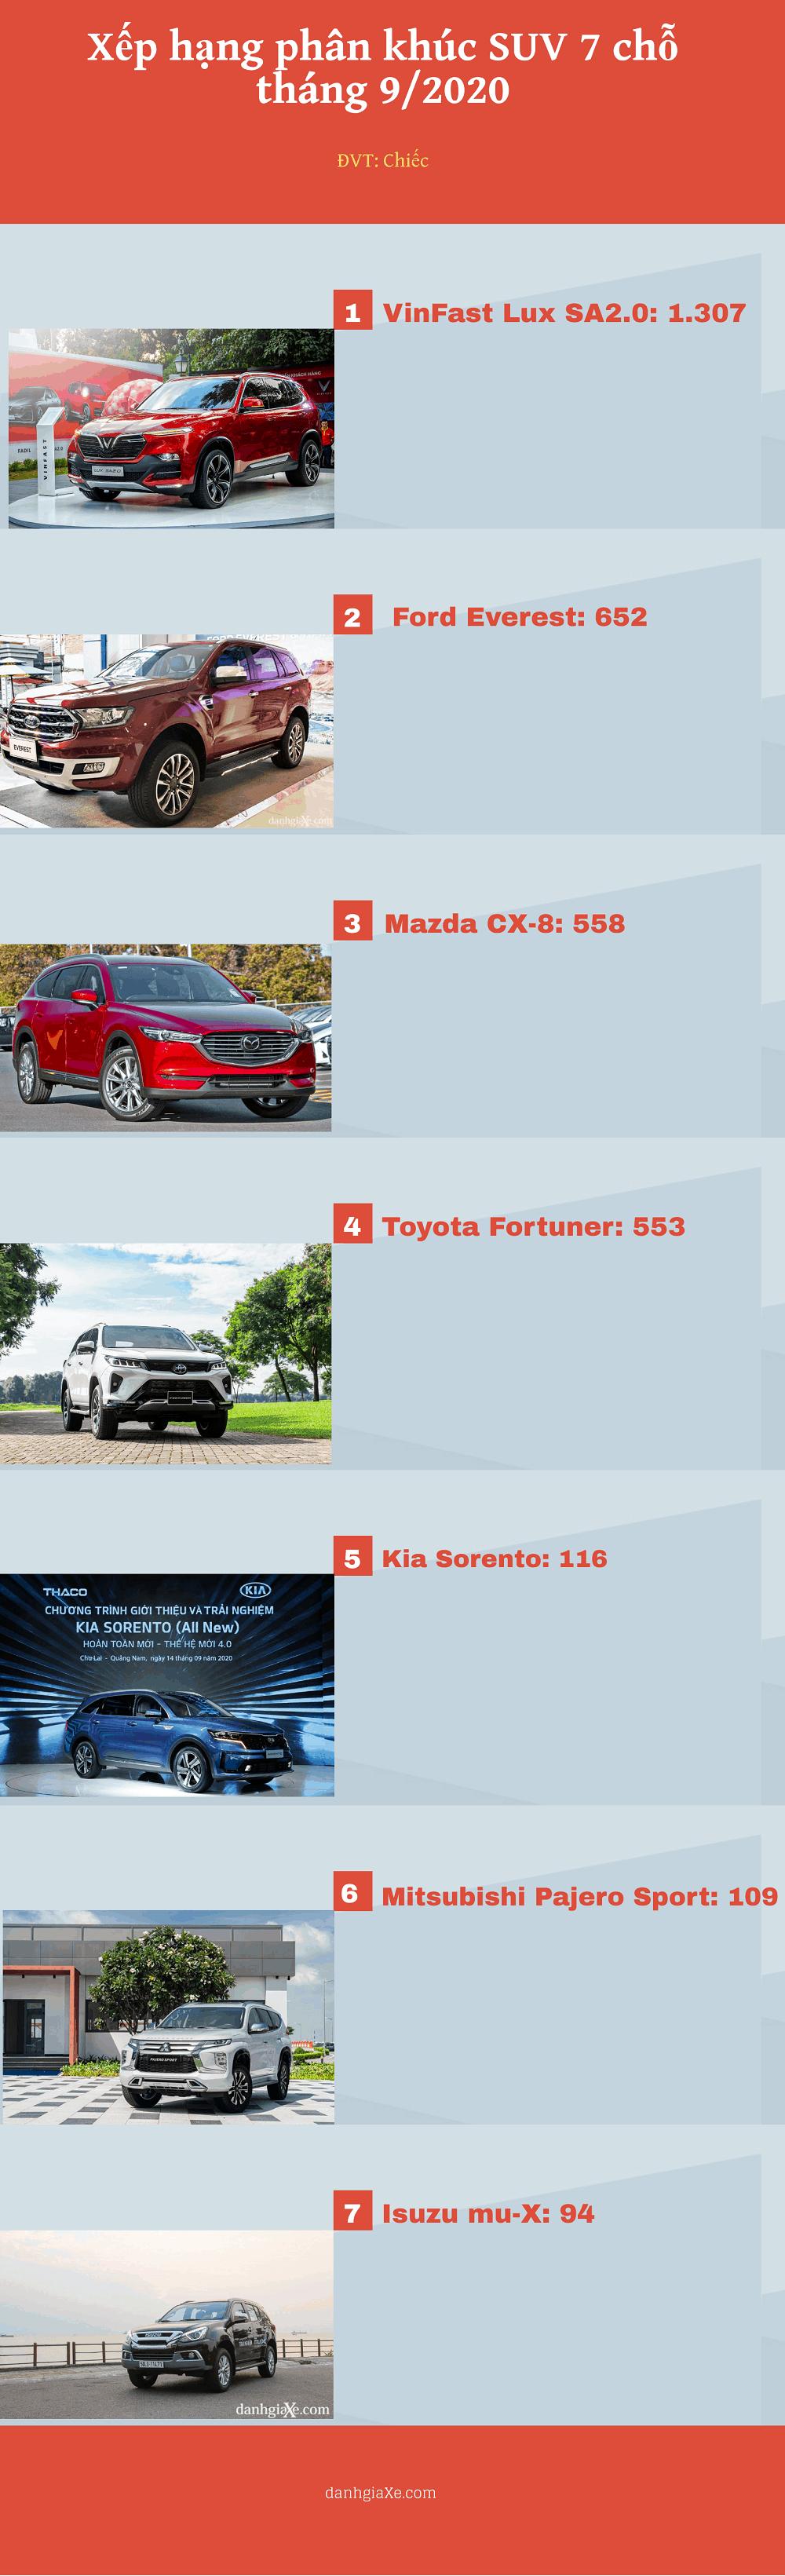 Doanh số xe VinFast Lux SA2.0 tháng 9 năm 2020